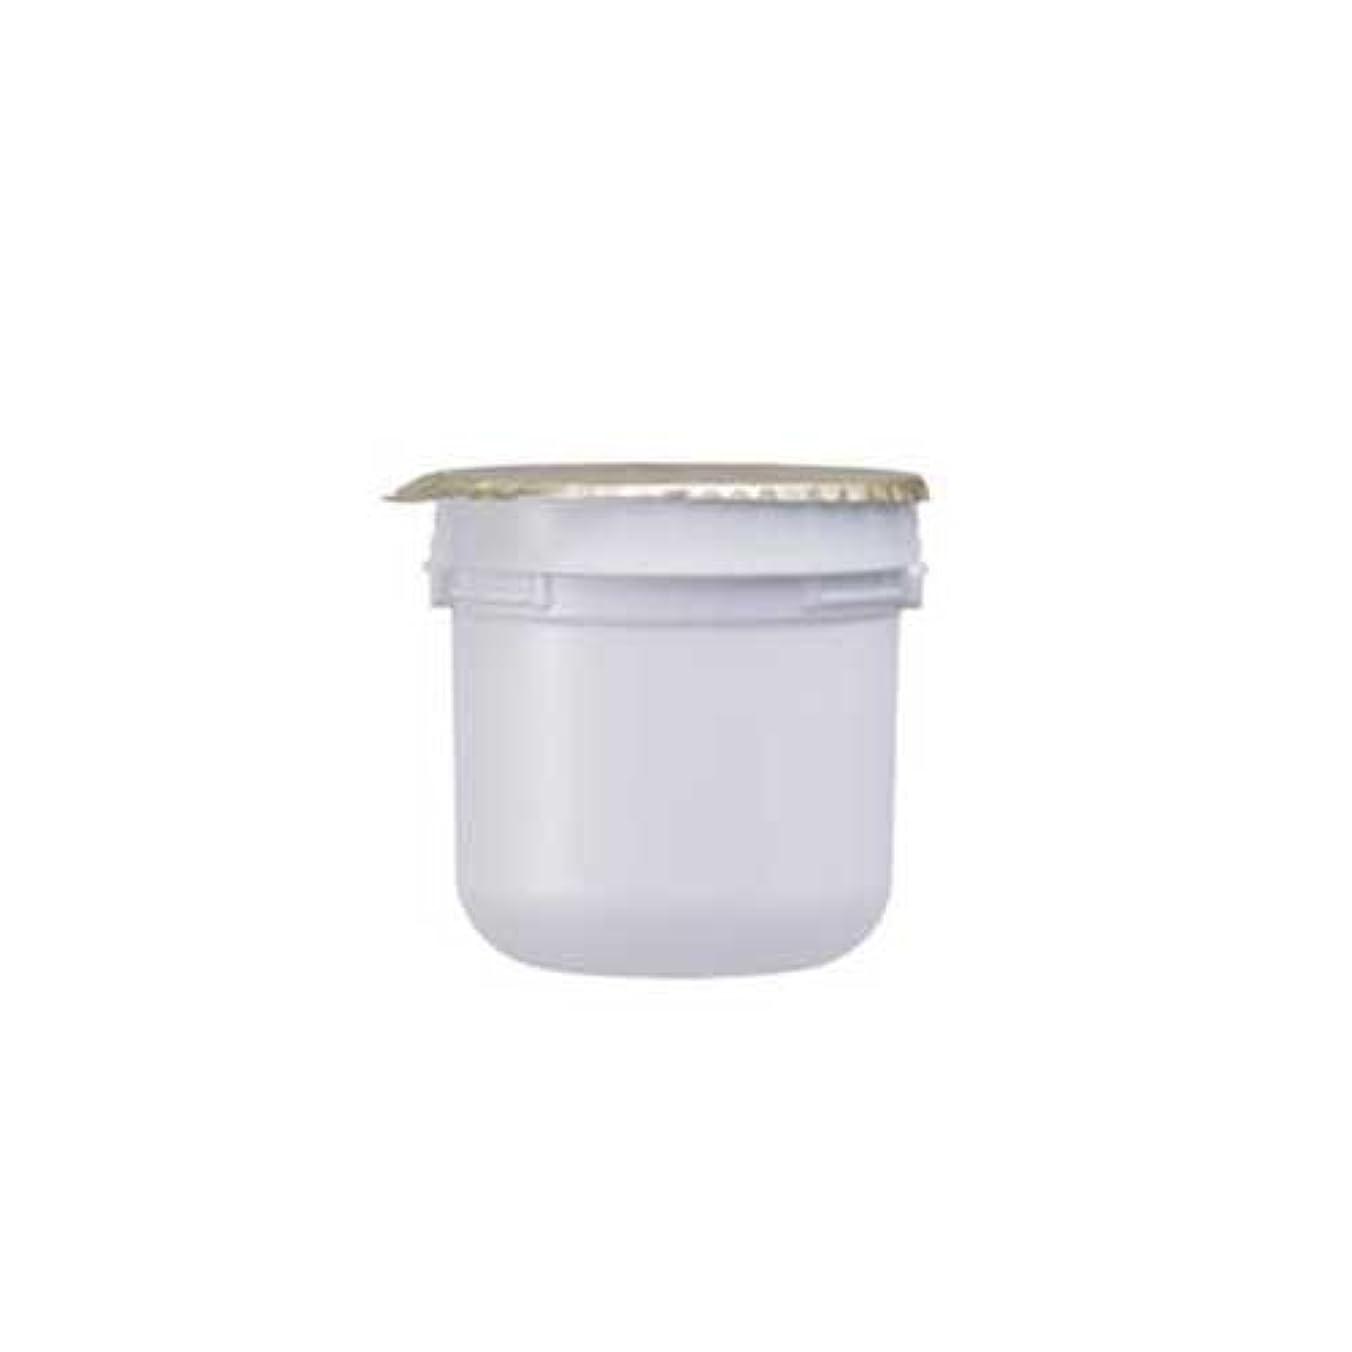 アレキサンダーグラハムベル頭痛自伝ASTALIFT(アスタリフト) ホワイト クリーム(美白クリーム)レフィル 30g